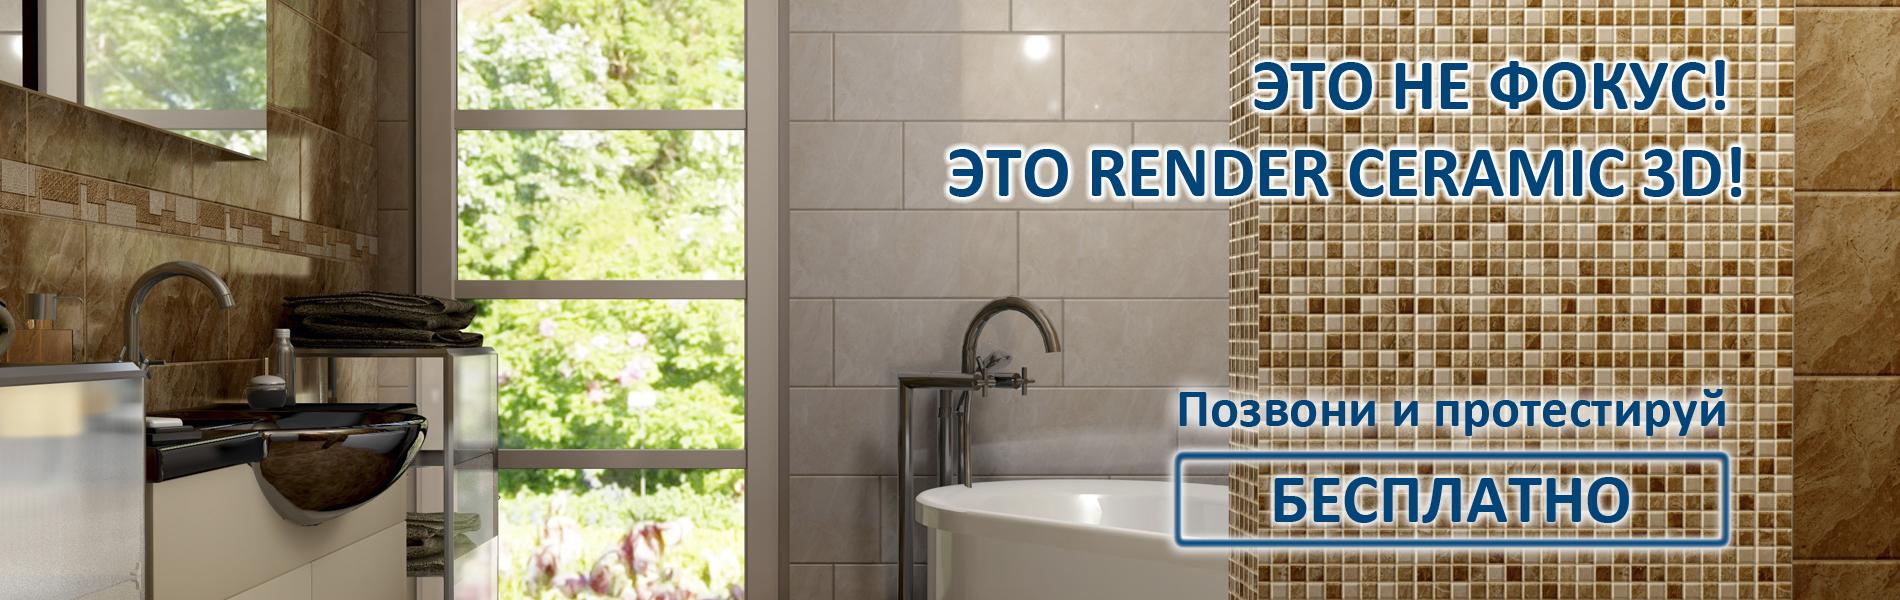 Рендер Ceramic3D